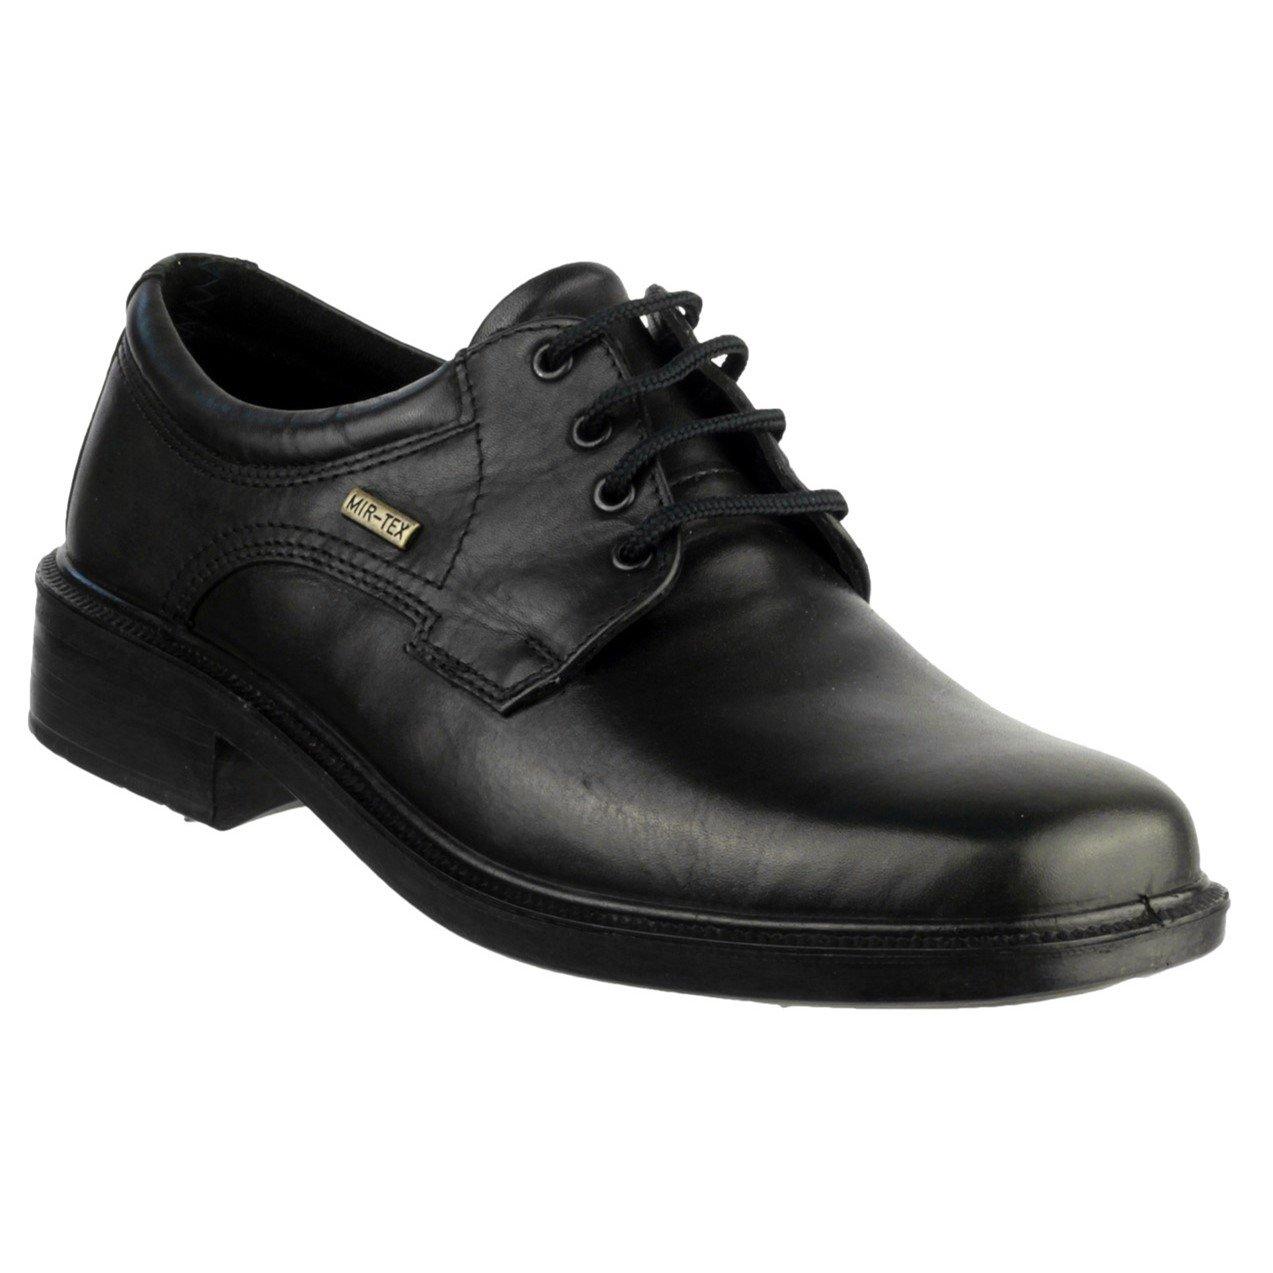 Cotswold Men's Sudeley Waterproof Shoe Various Colours 32970 - Black 10